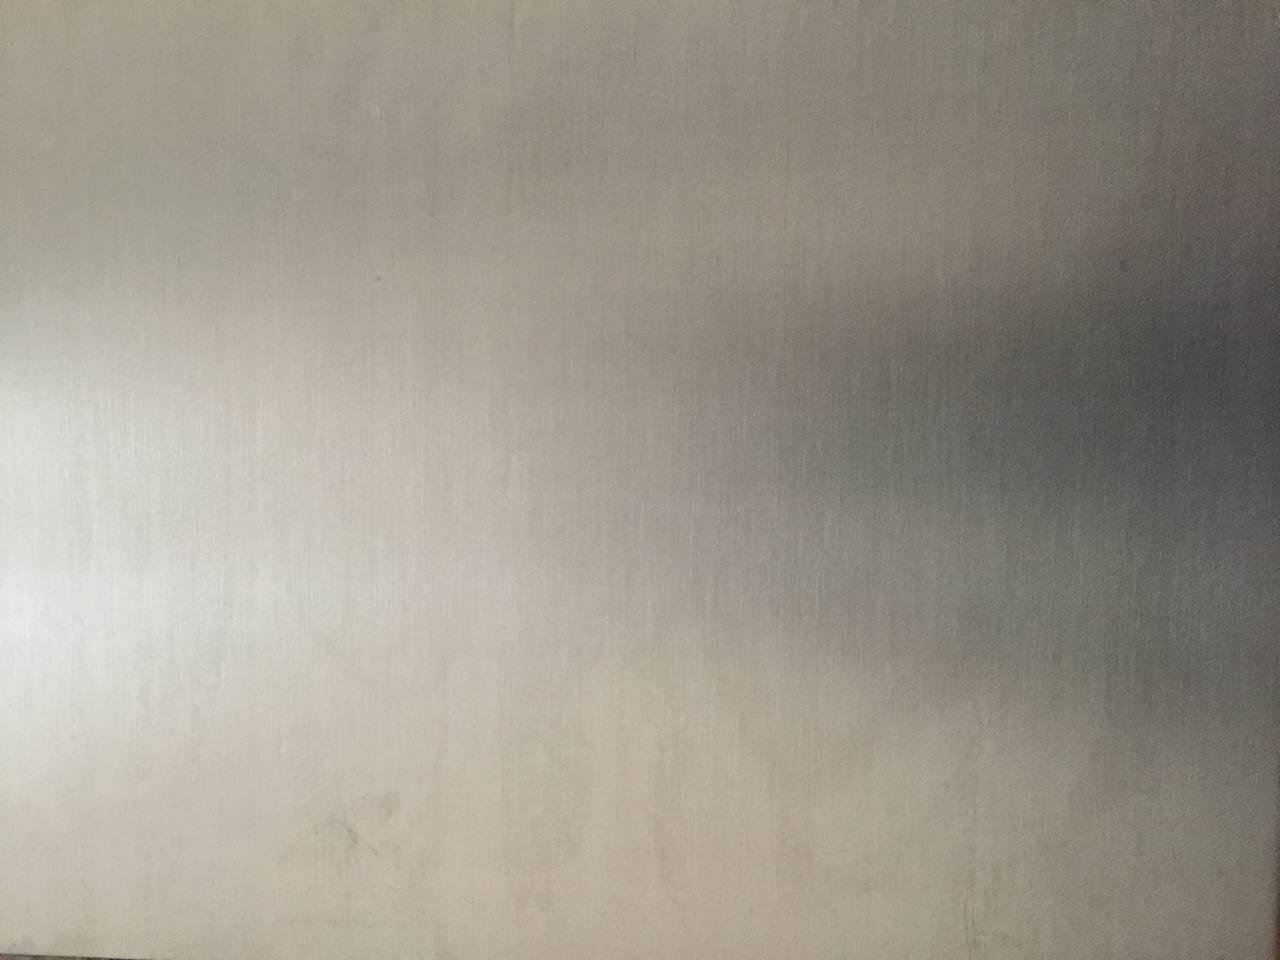 中国5056铝板厂家-诚心为您推荐东莞地区质量硬的5056铝板